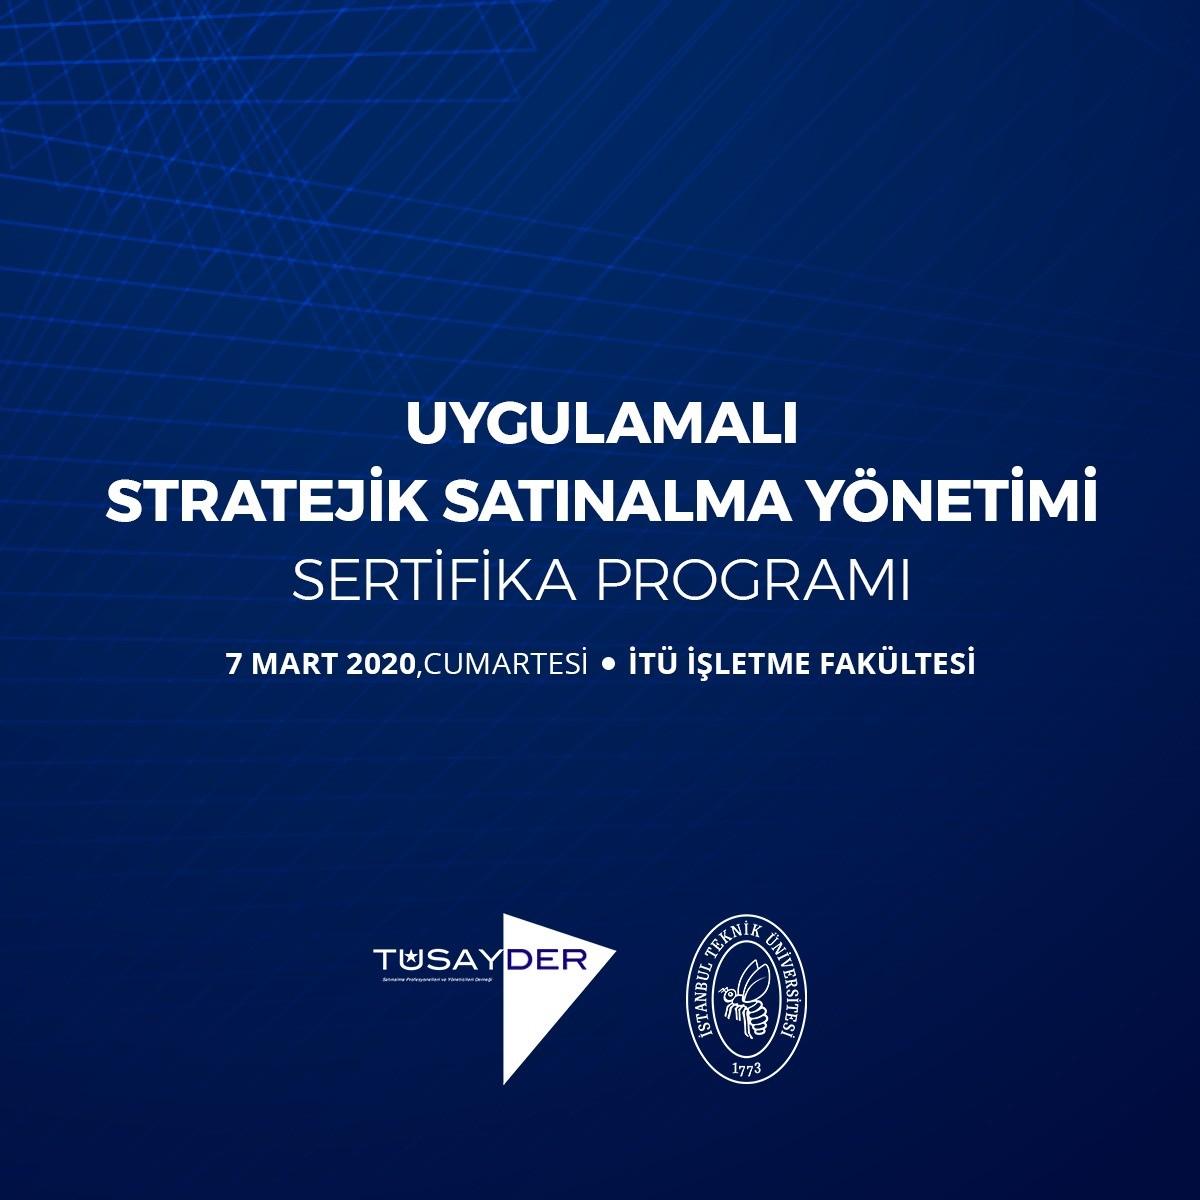 Uygulamalı Stratejik Satınalma Yöneticiliği Sertifika Programı 2020'de Başlıyor